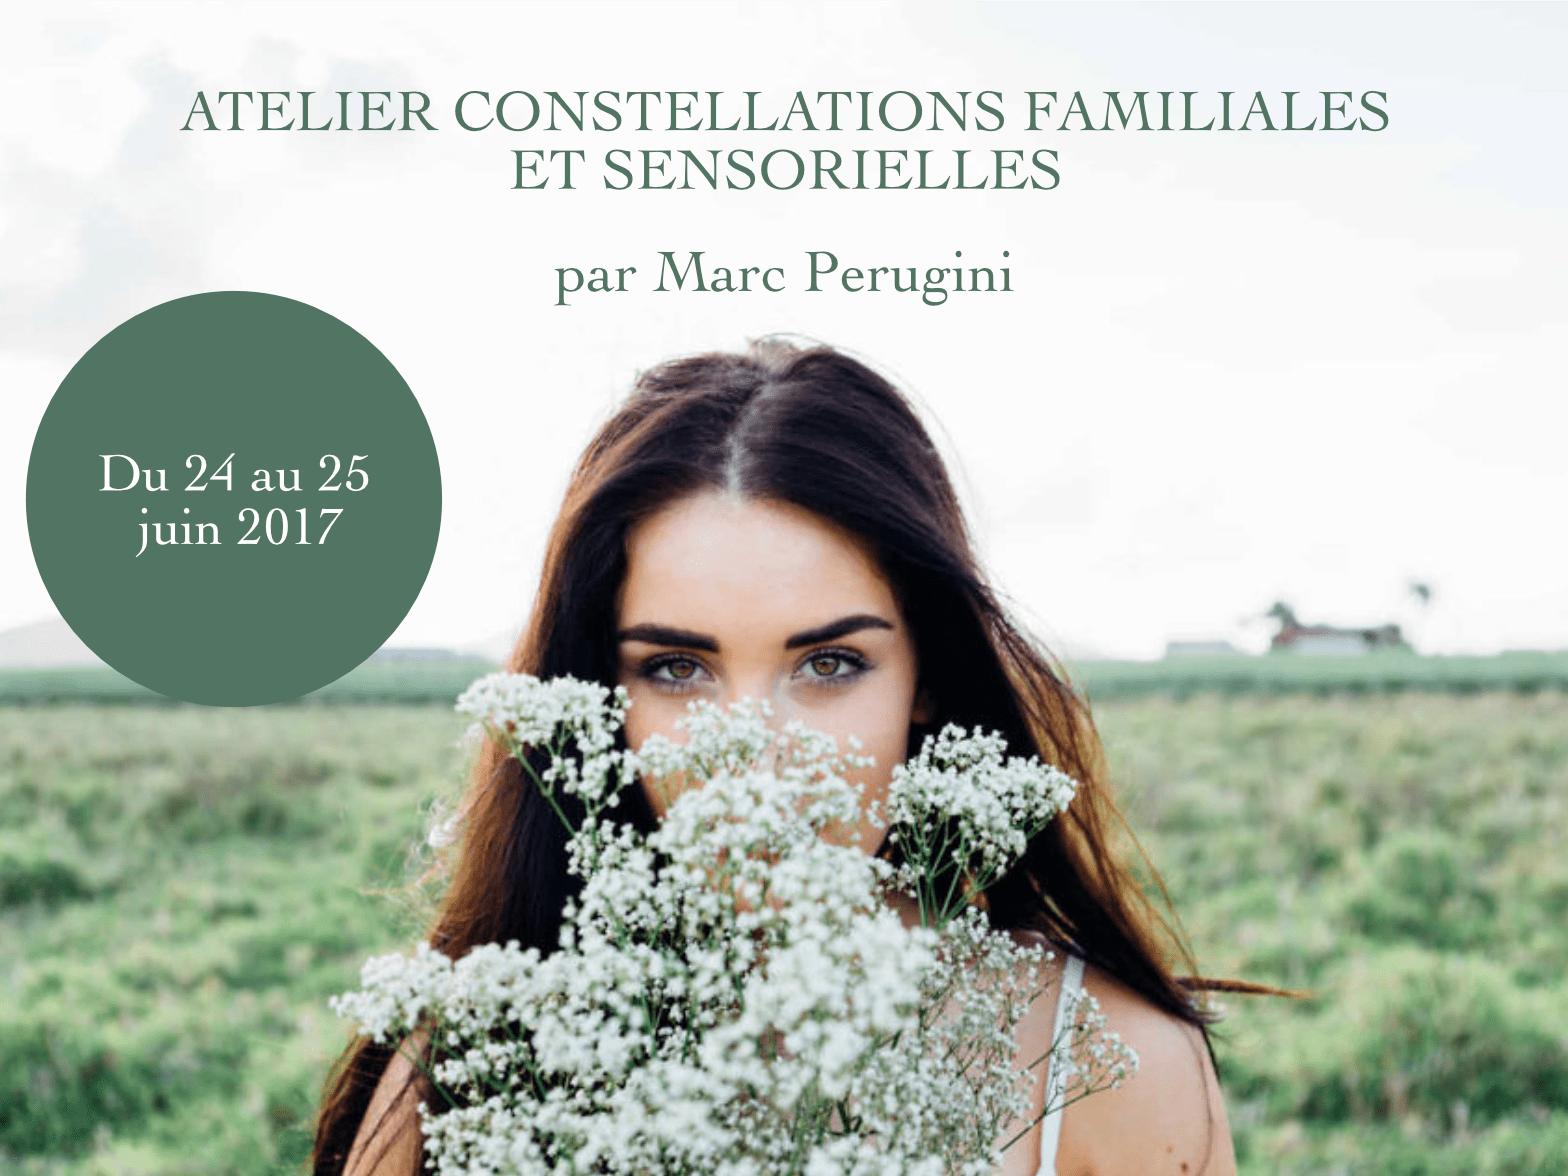 constellations familiales et sensorielles en juin 2017 - Être Soi